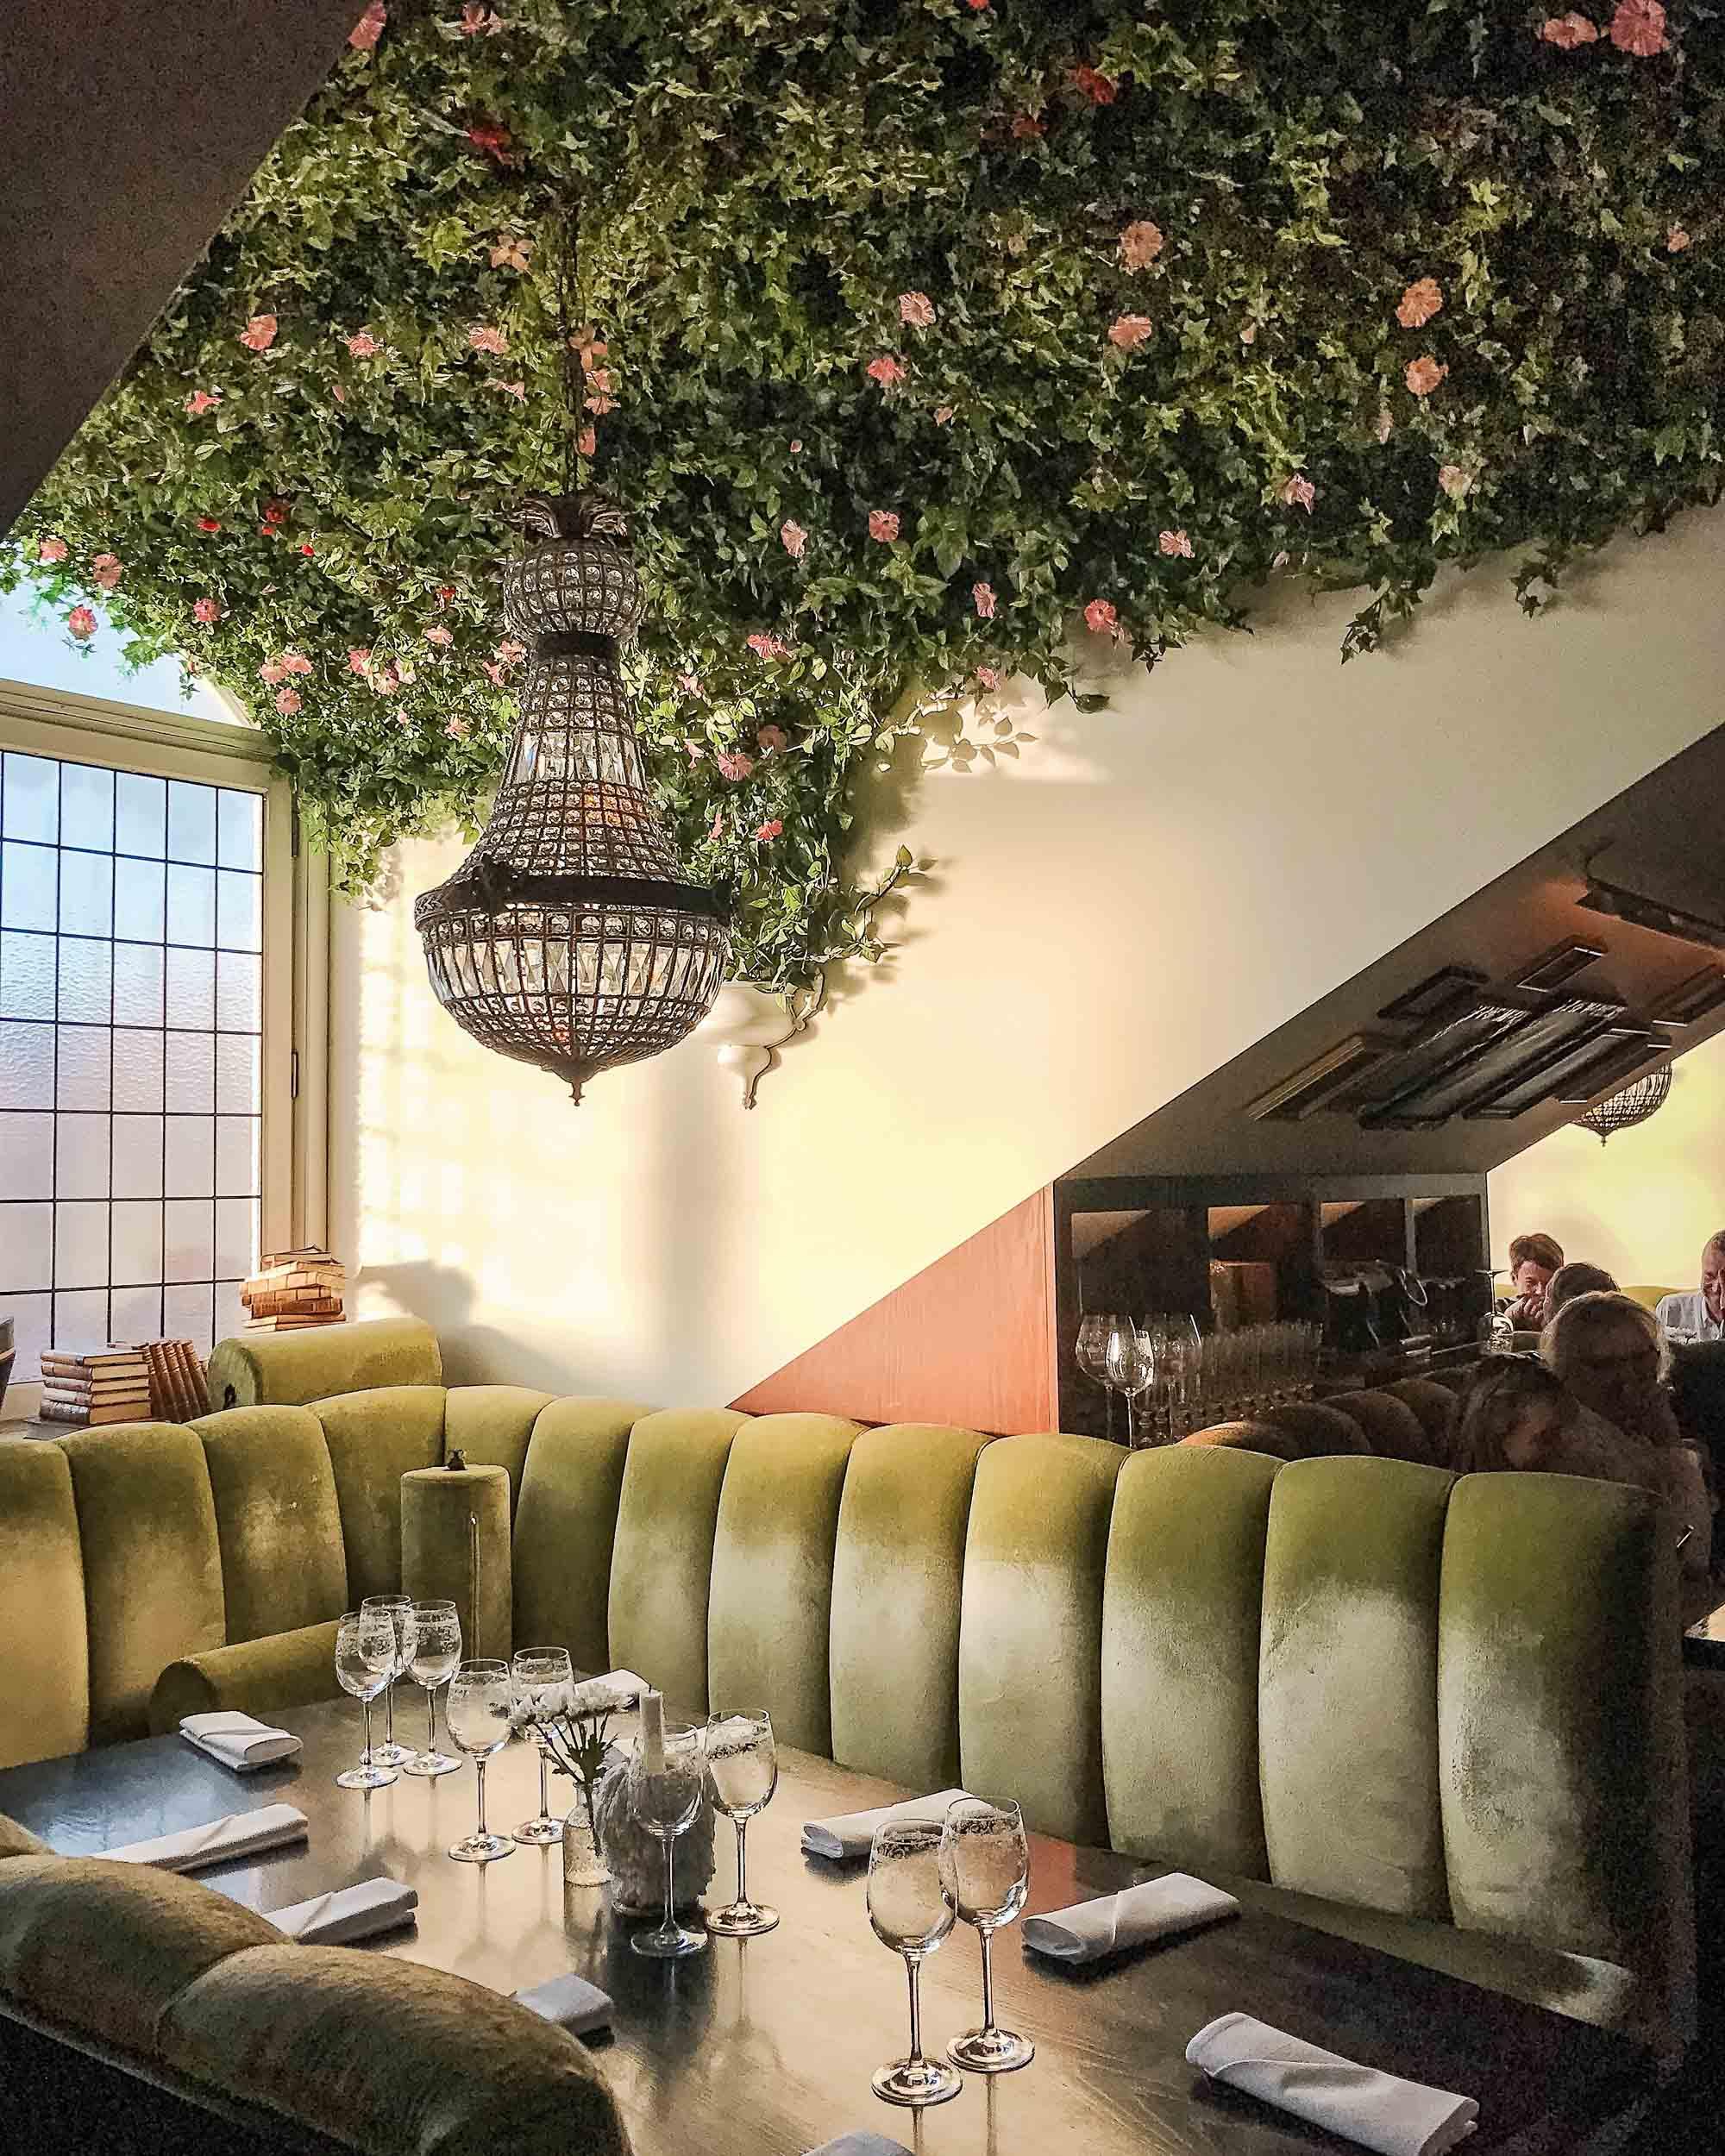 When in Gothenburg, dine or grab drinks at Parisian Restaurant Atelier